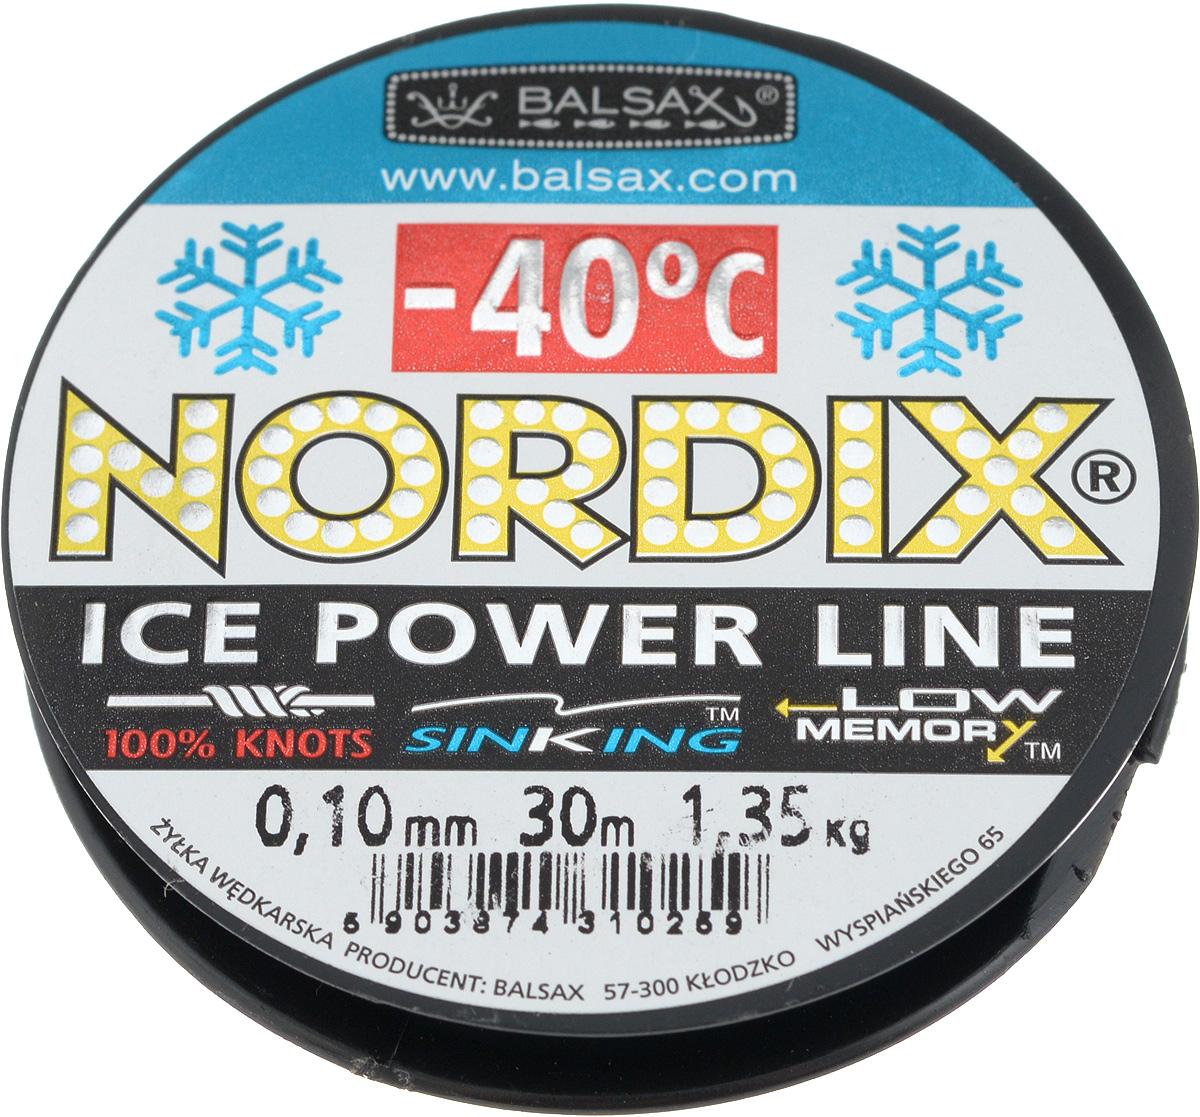 Леска зимняя Balsax Nordix, 30 м, 0,10 мм, 1,35 кгBS1-15030Леска Balsax Nordix изготовлена из 100% нейлона и очень хорошо выдерживает низкие температуры. Даже в самом холодном климате, при температуре вплоть до -40°C, она сохраняет свои свойства практически без изменений, в то время как традиционные лески становятся менее эластичными и теряют прочность.Поверхность лески обработана таким образом, что она не обмерзает и отлично подходит для подледного лова. Прочна в местах вязки узлов даже при минимальном диаметре.